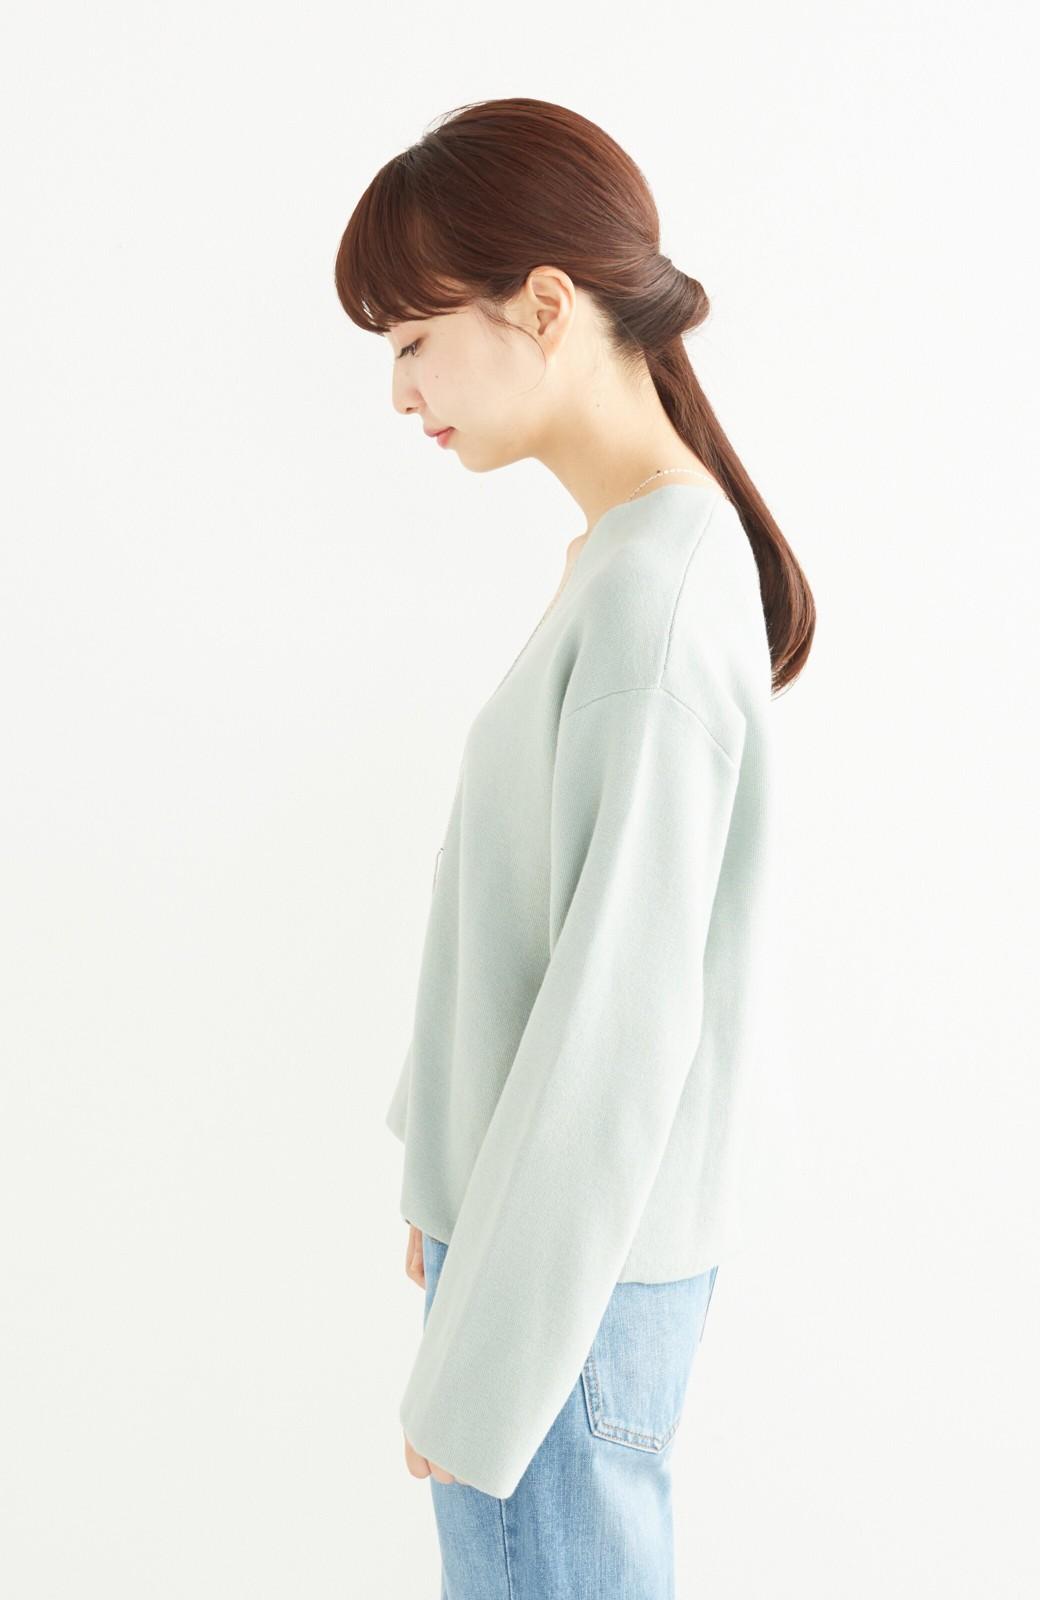 エムトロワ パッと着るだけでいい感じになれる きちんと見えて長い季節使えるミラノリブニット <ミント>の商品写真9